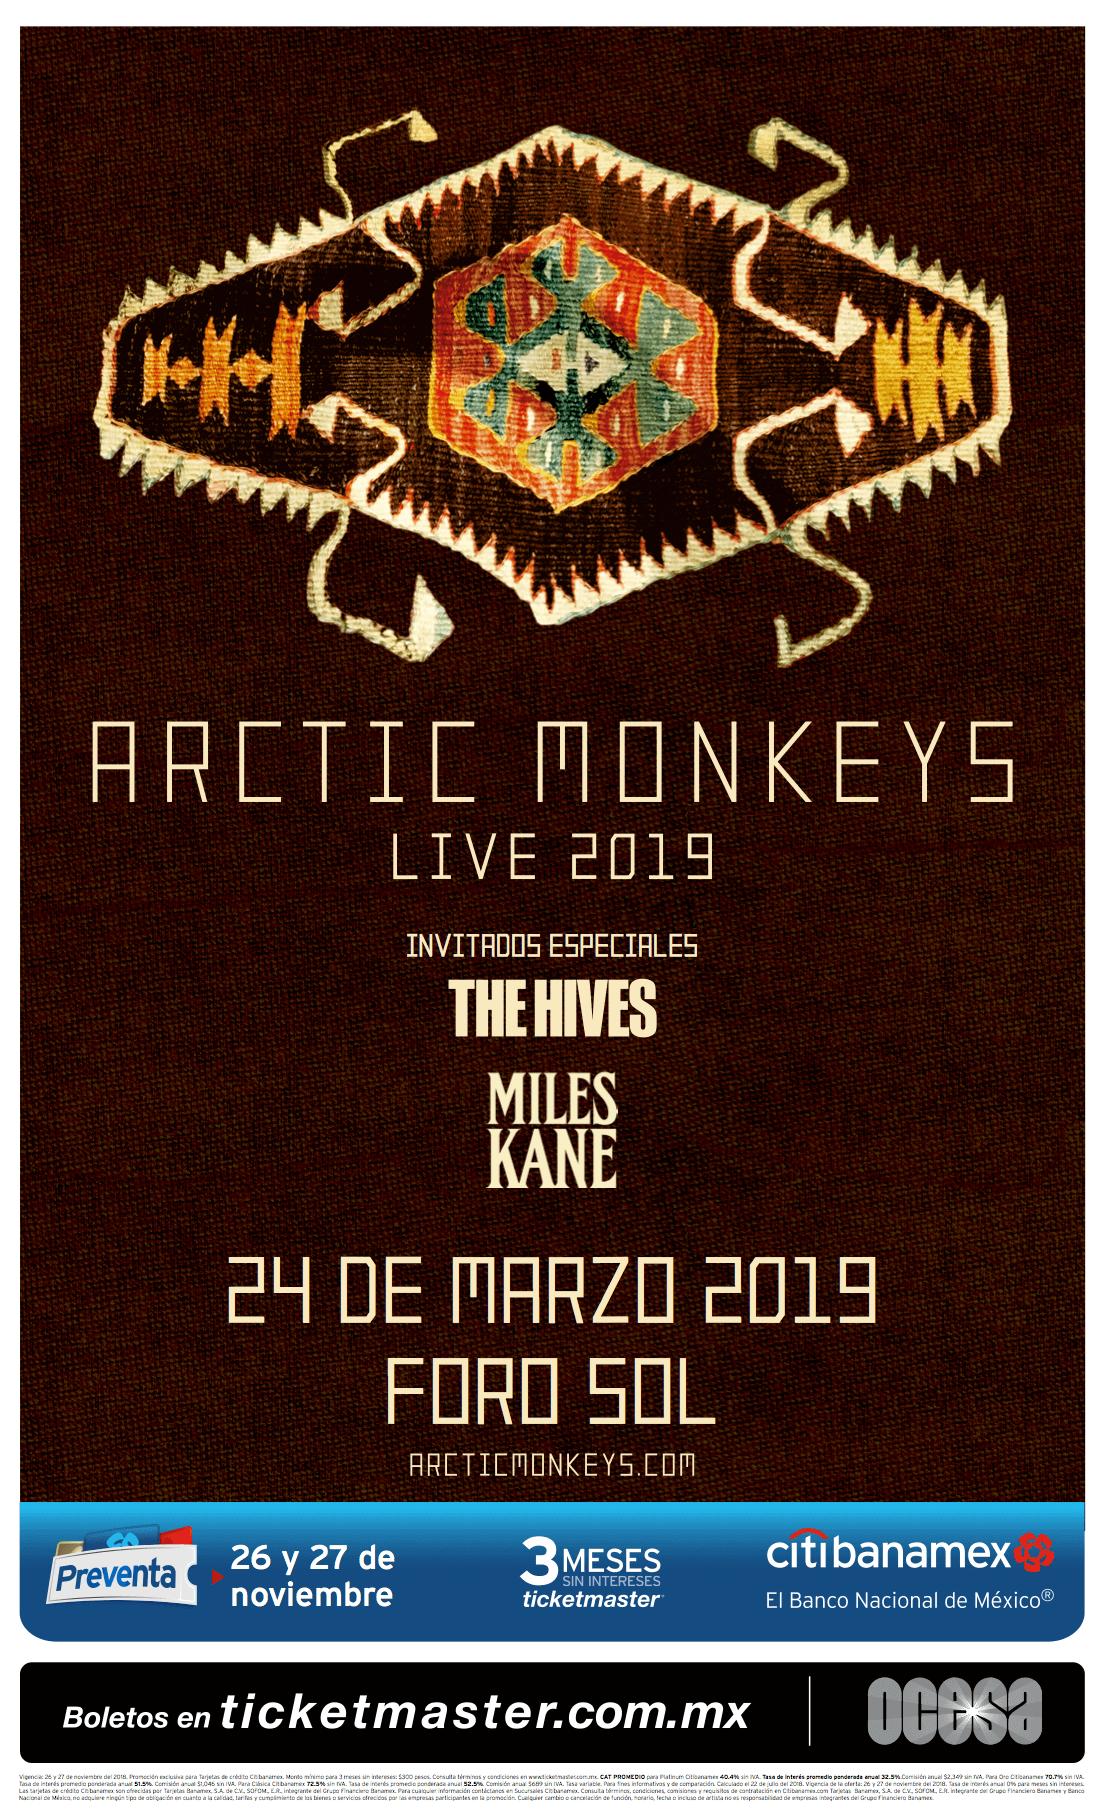 Poster oficial del concierto de Arctic Monkeys en el Foro Sol